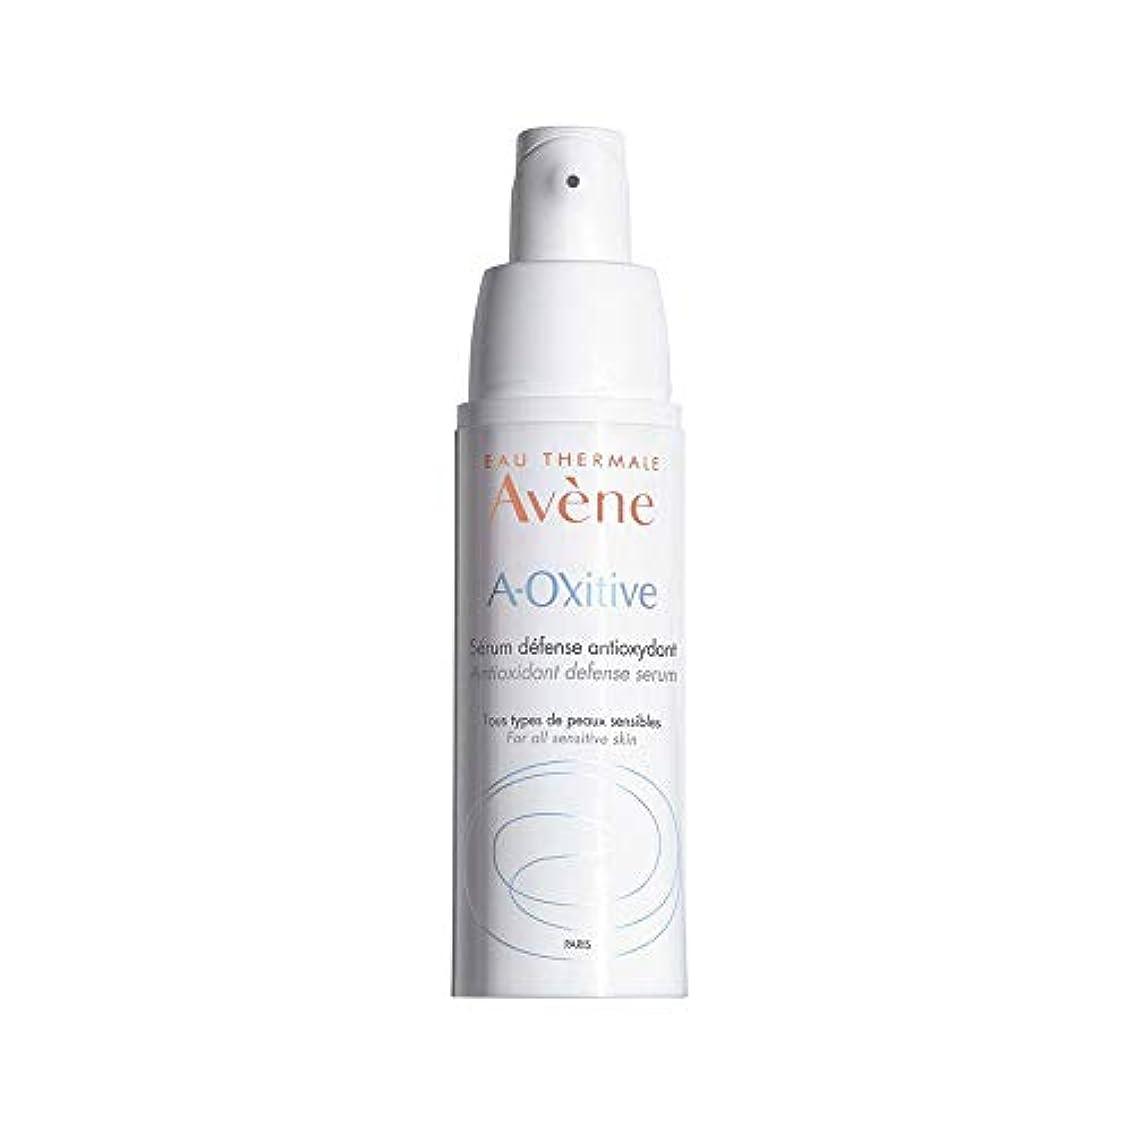 提唱する熱トラップアベンヌ A-OXitive Antioxidant Defense Serum - For All Sensitive Skin 30ml/1oz並行輸入品